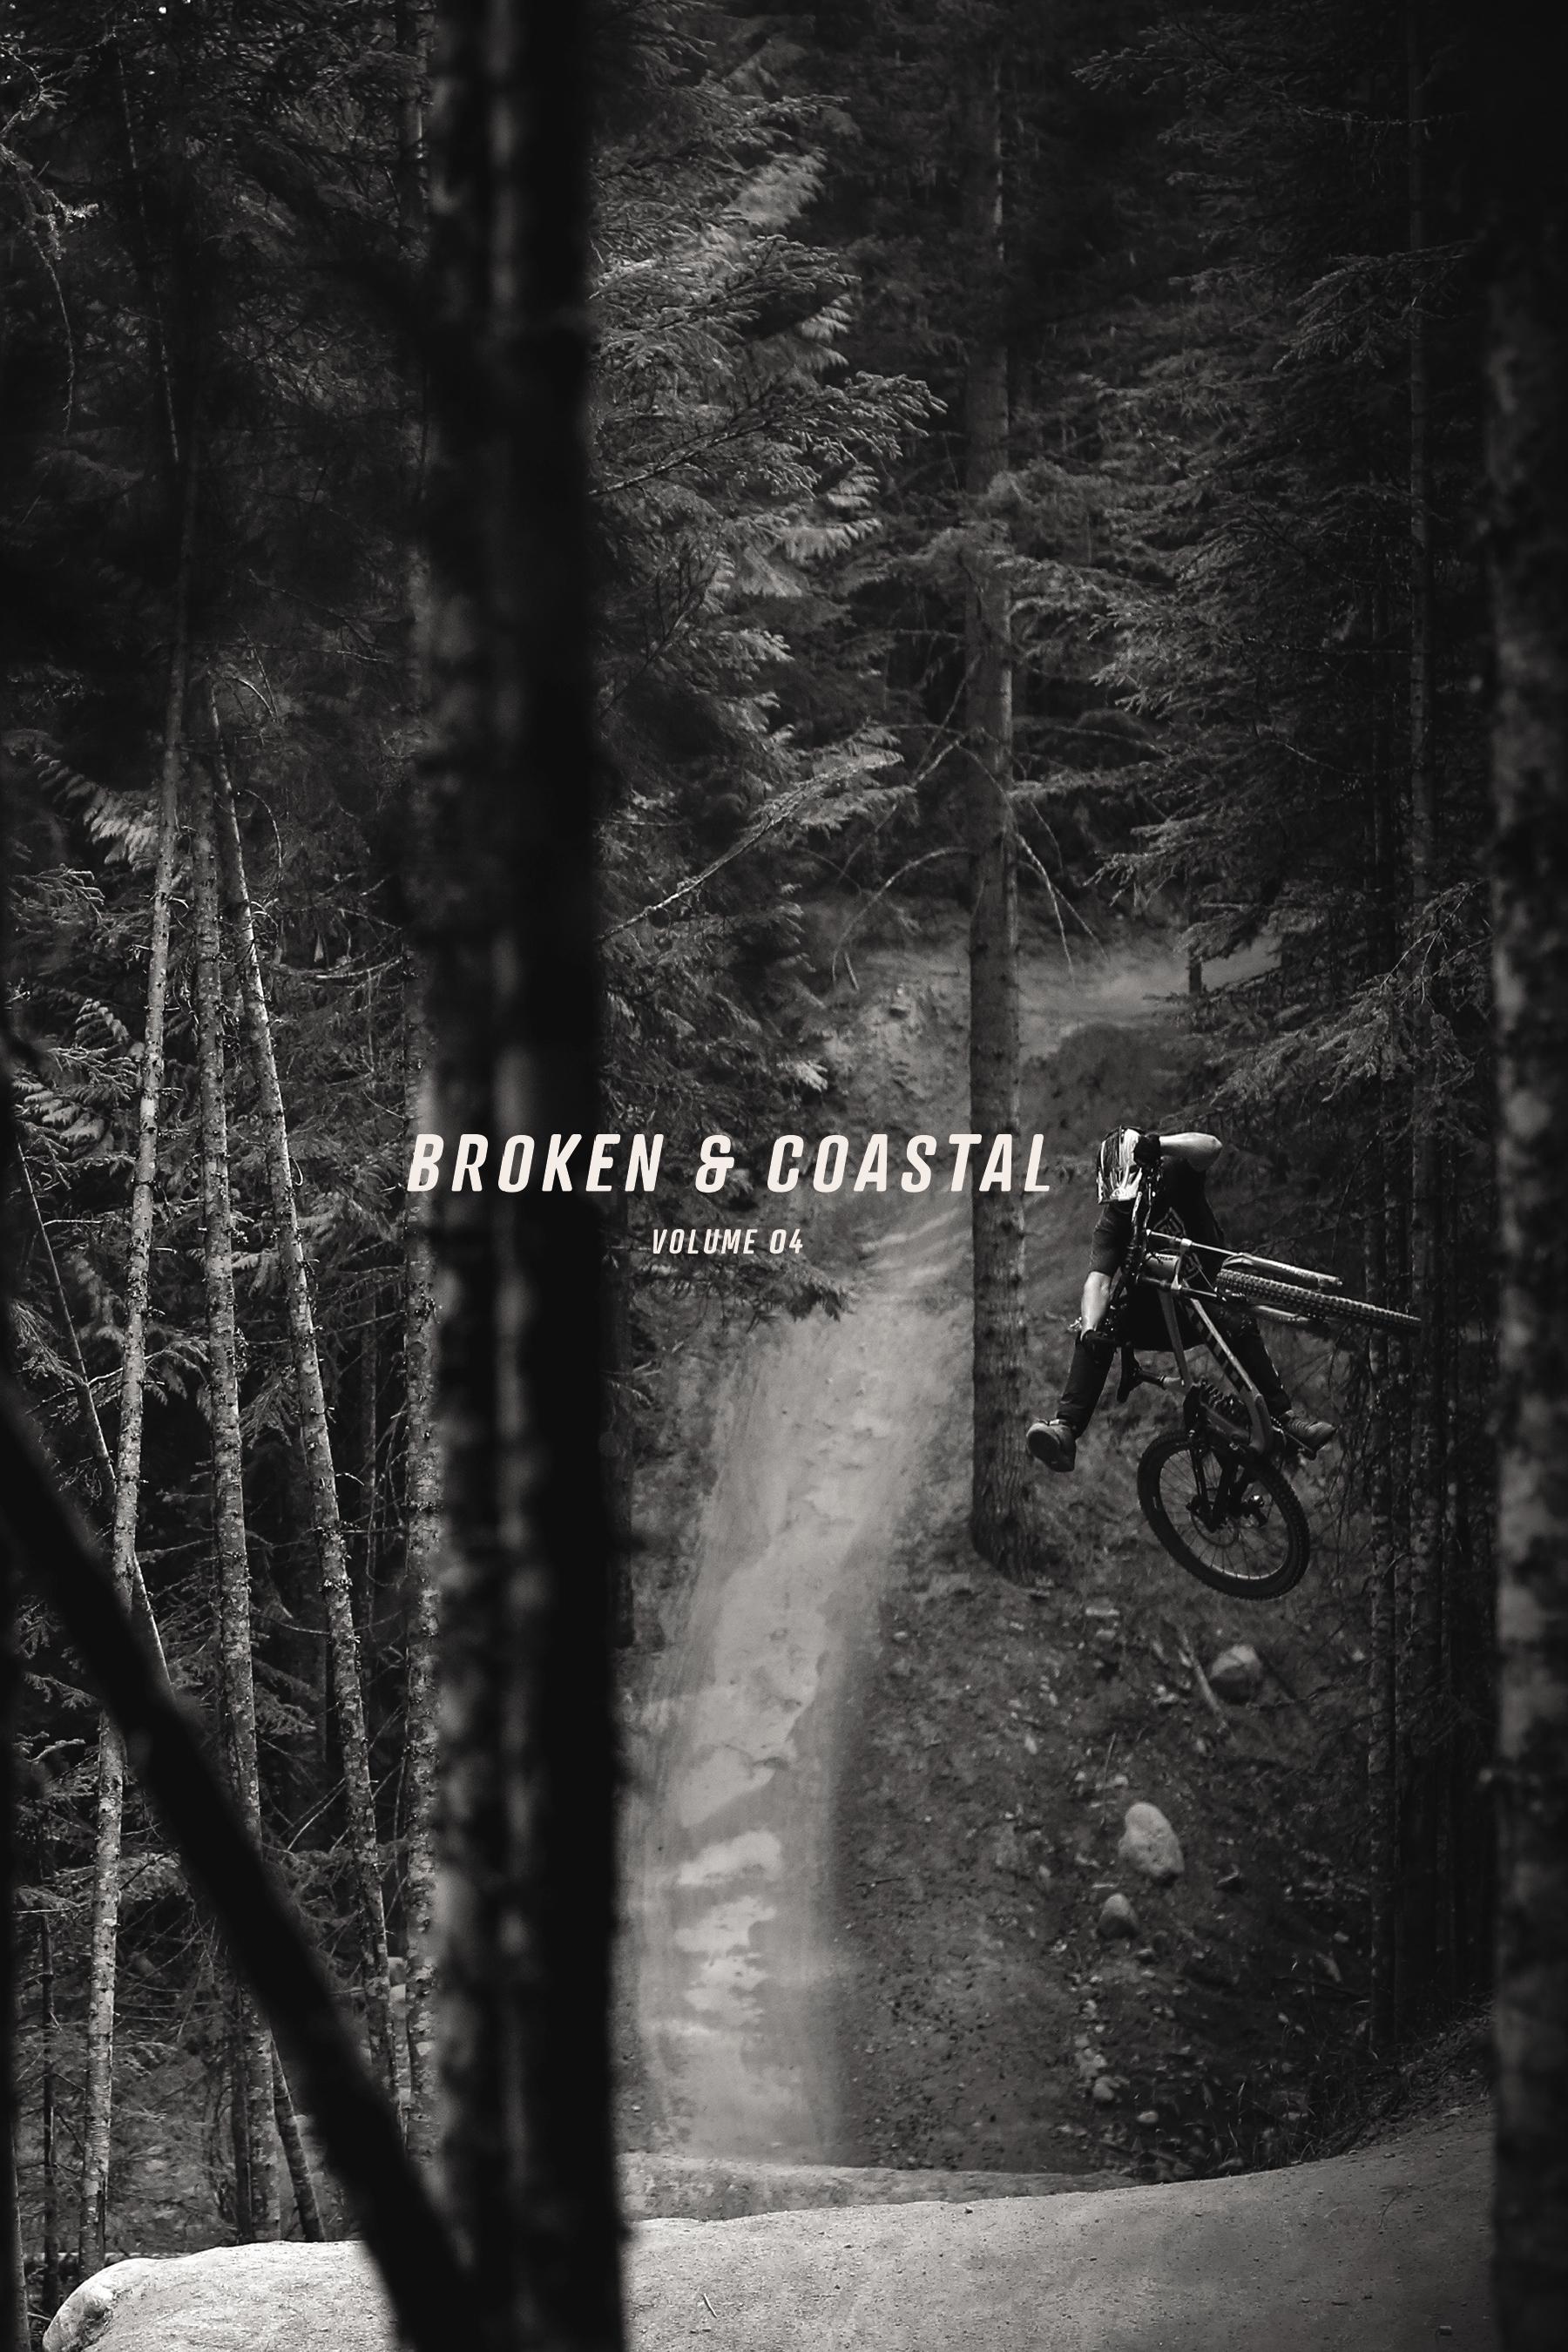 Broken_Volume_04_14.jpg